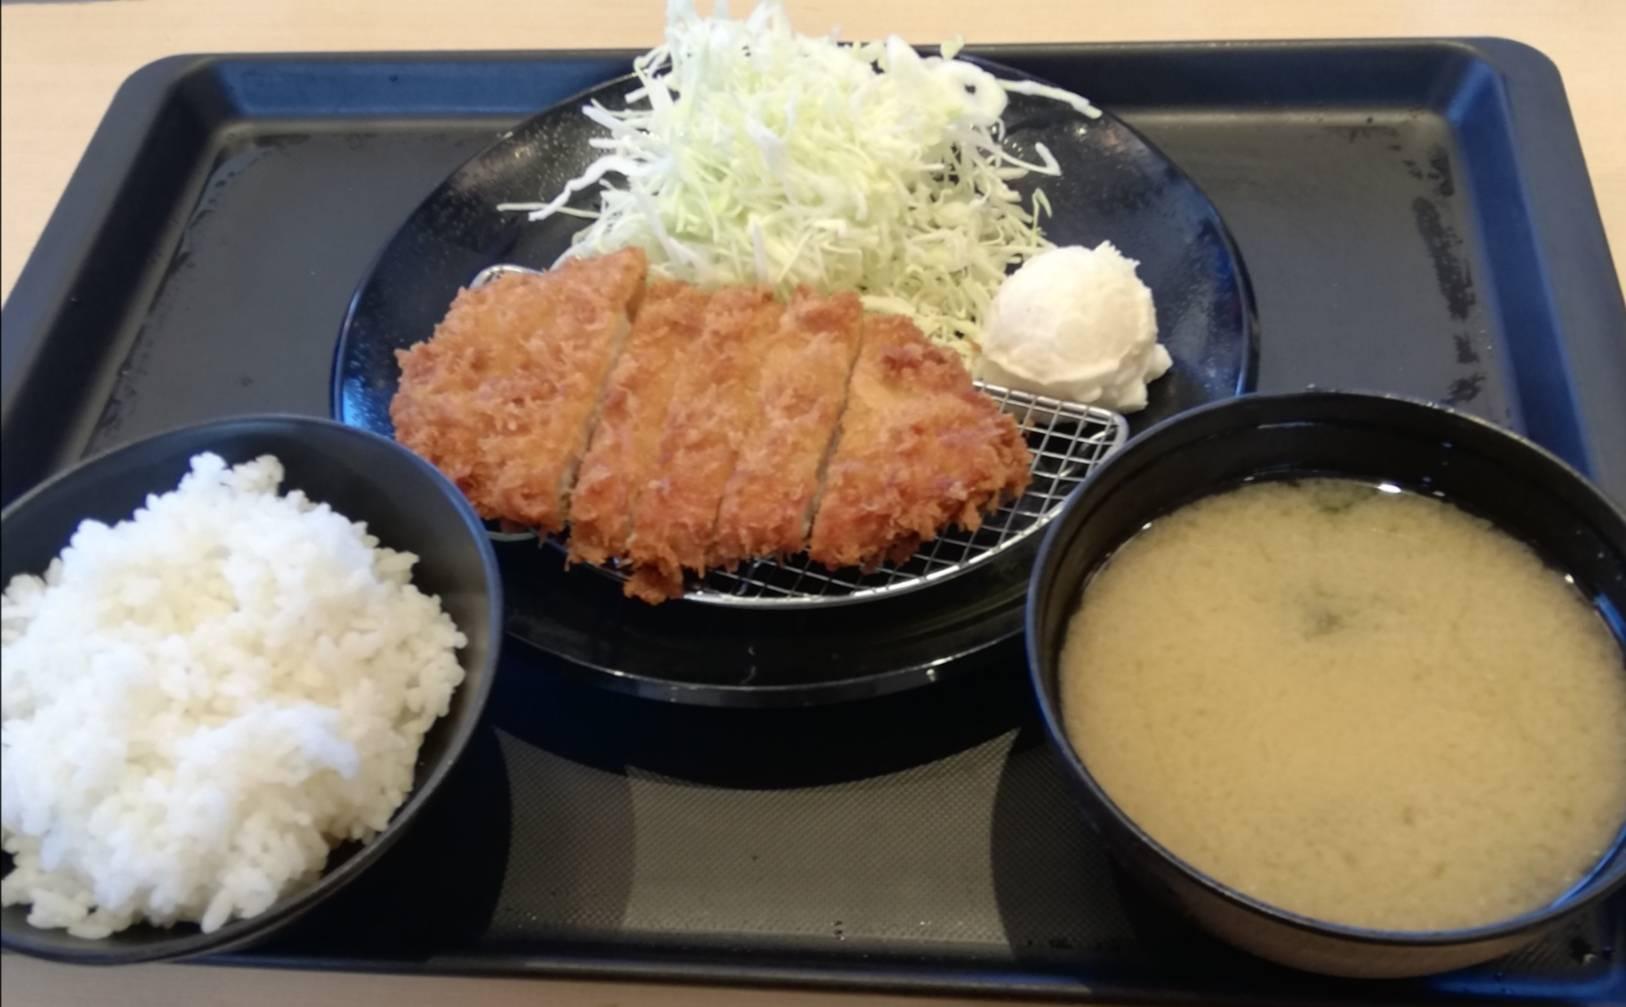 松のや松戸新田店ごはんみそ汁お替り無料